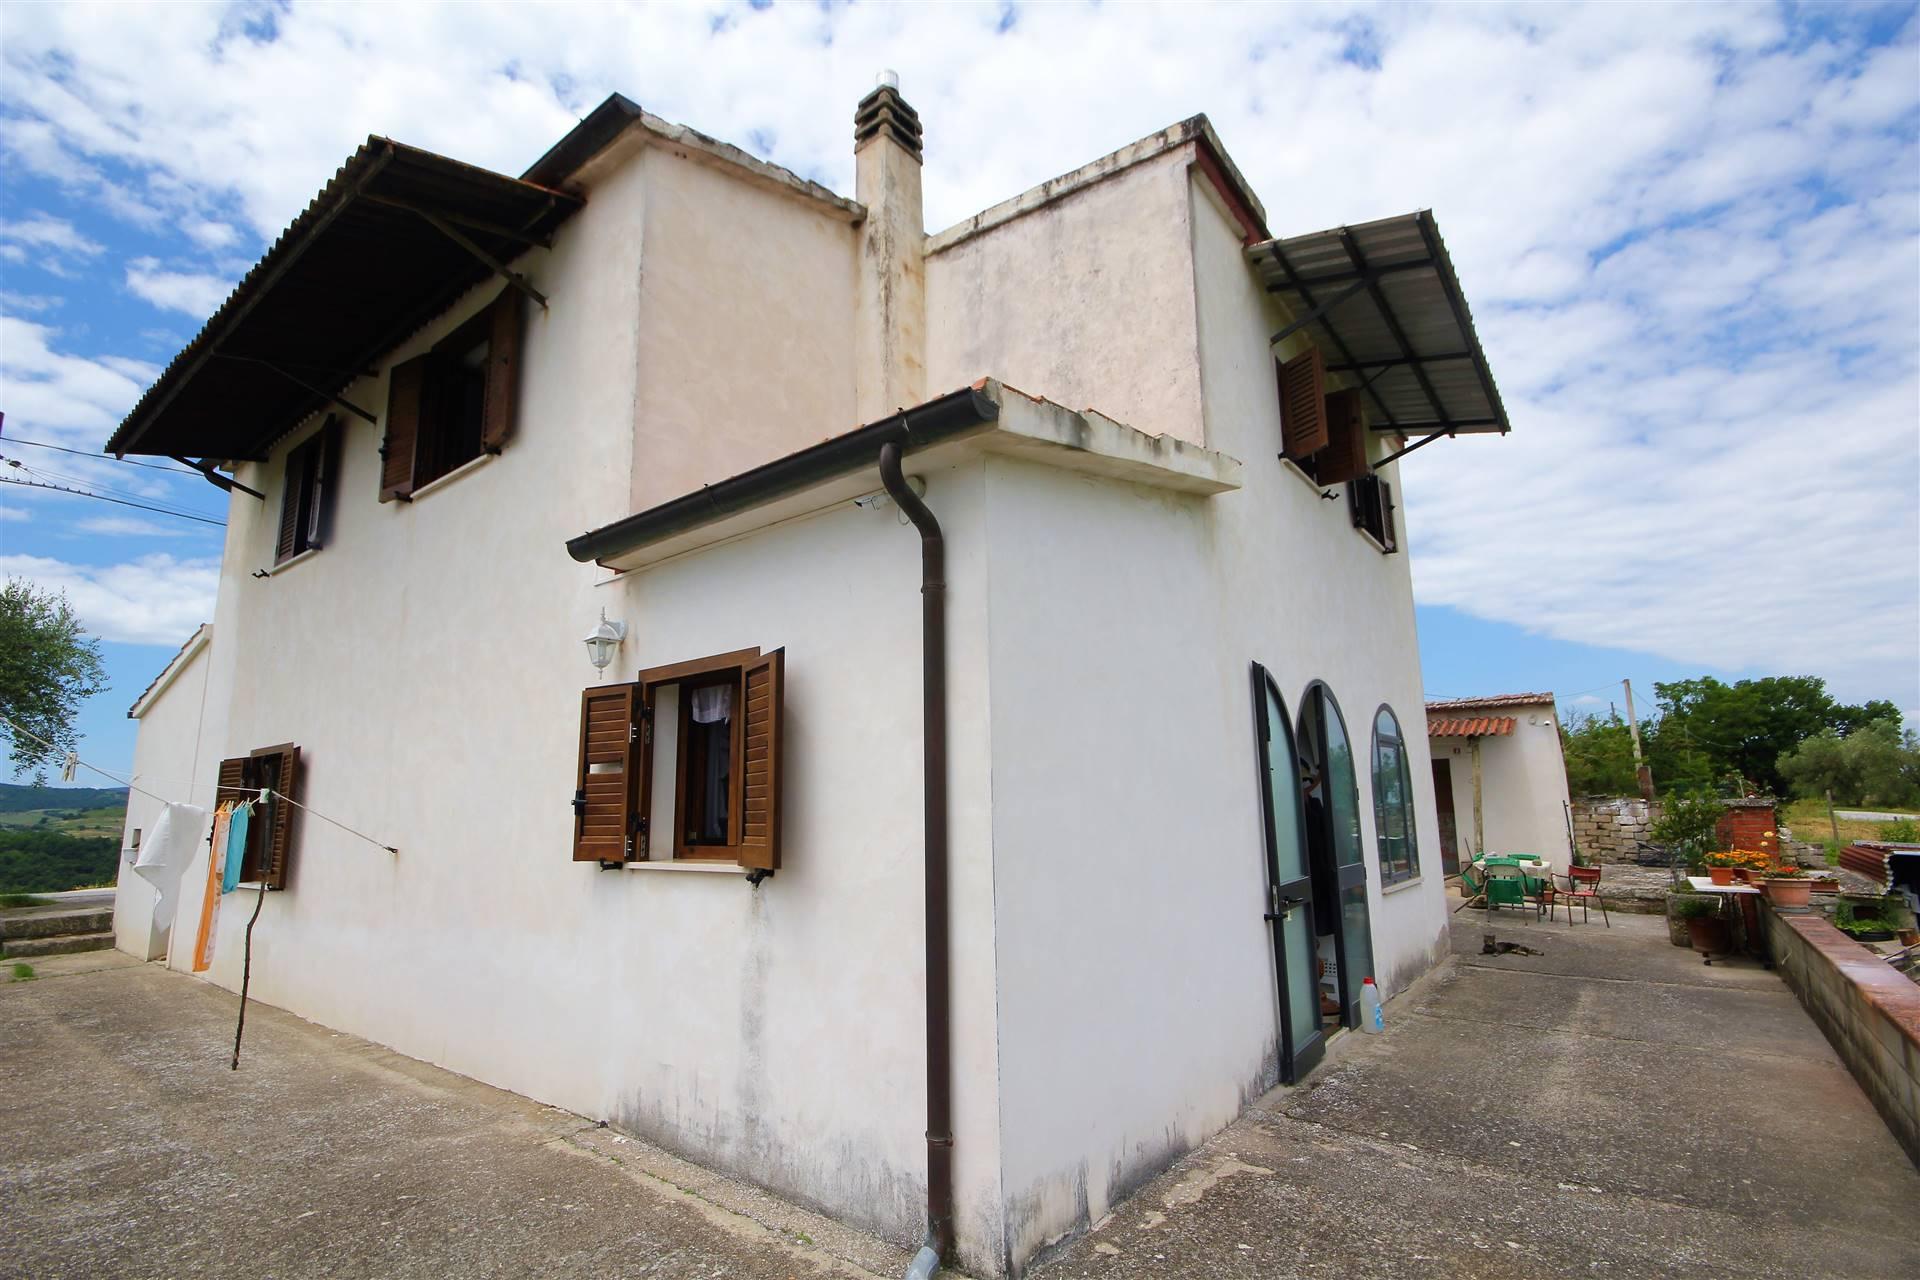 Rustico / Casale in vendita a Fabro, 6 locali, zona Zona: Fabro Scalo, prezzo € 470.000 | CambioCasa.it